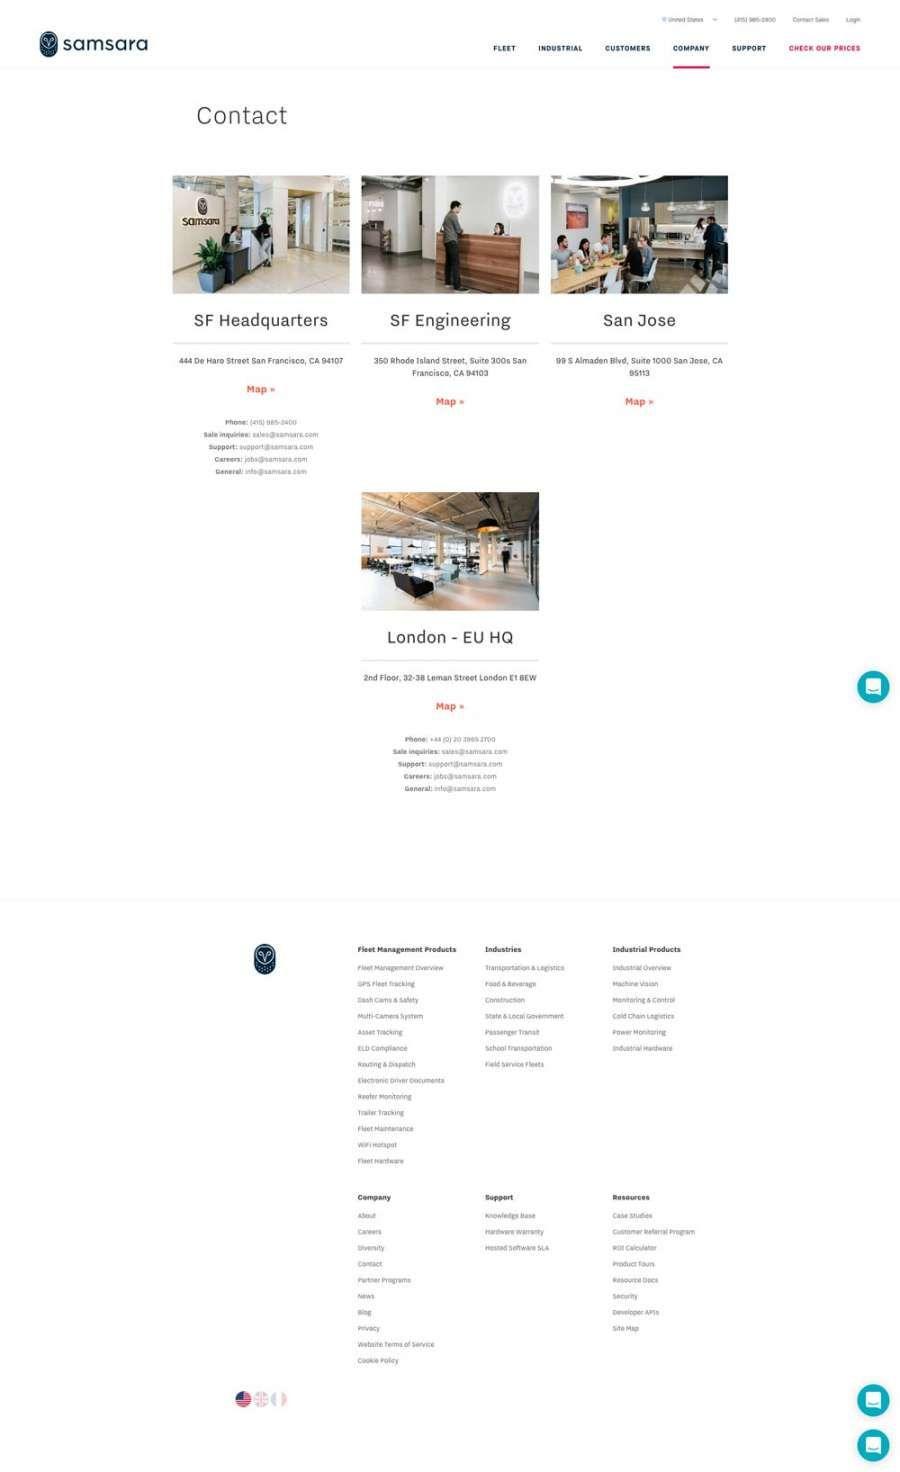 Samsara Industrial Contact Us web page design